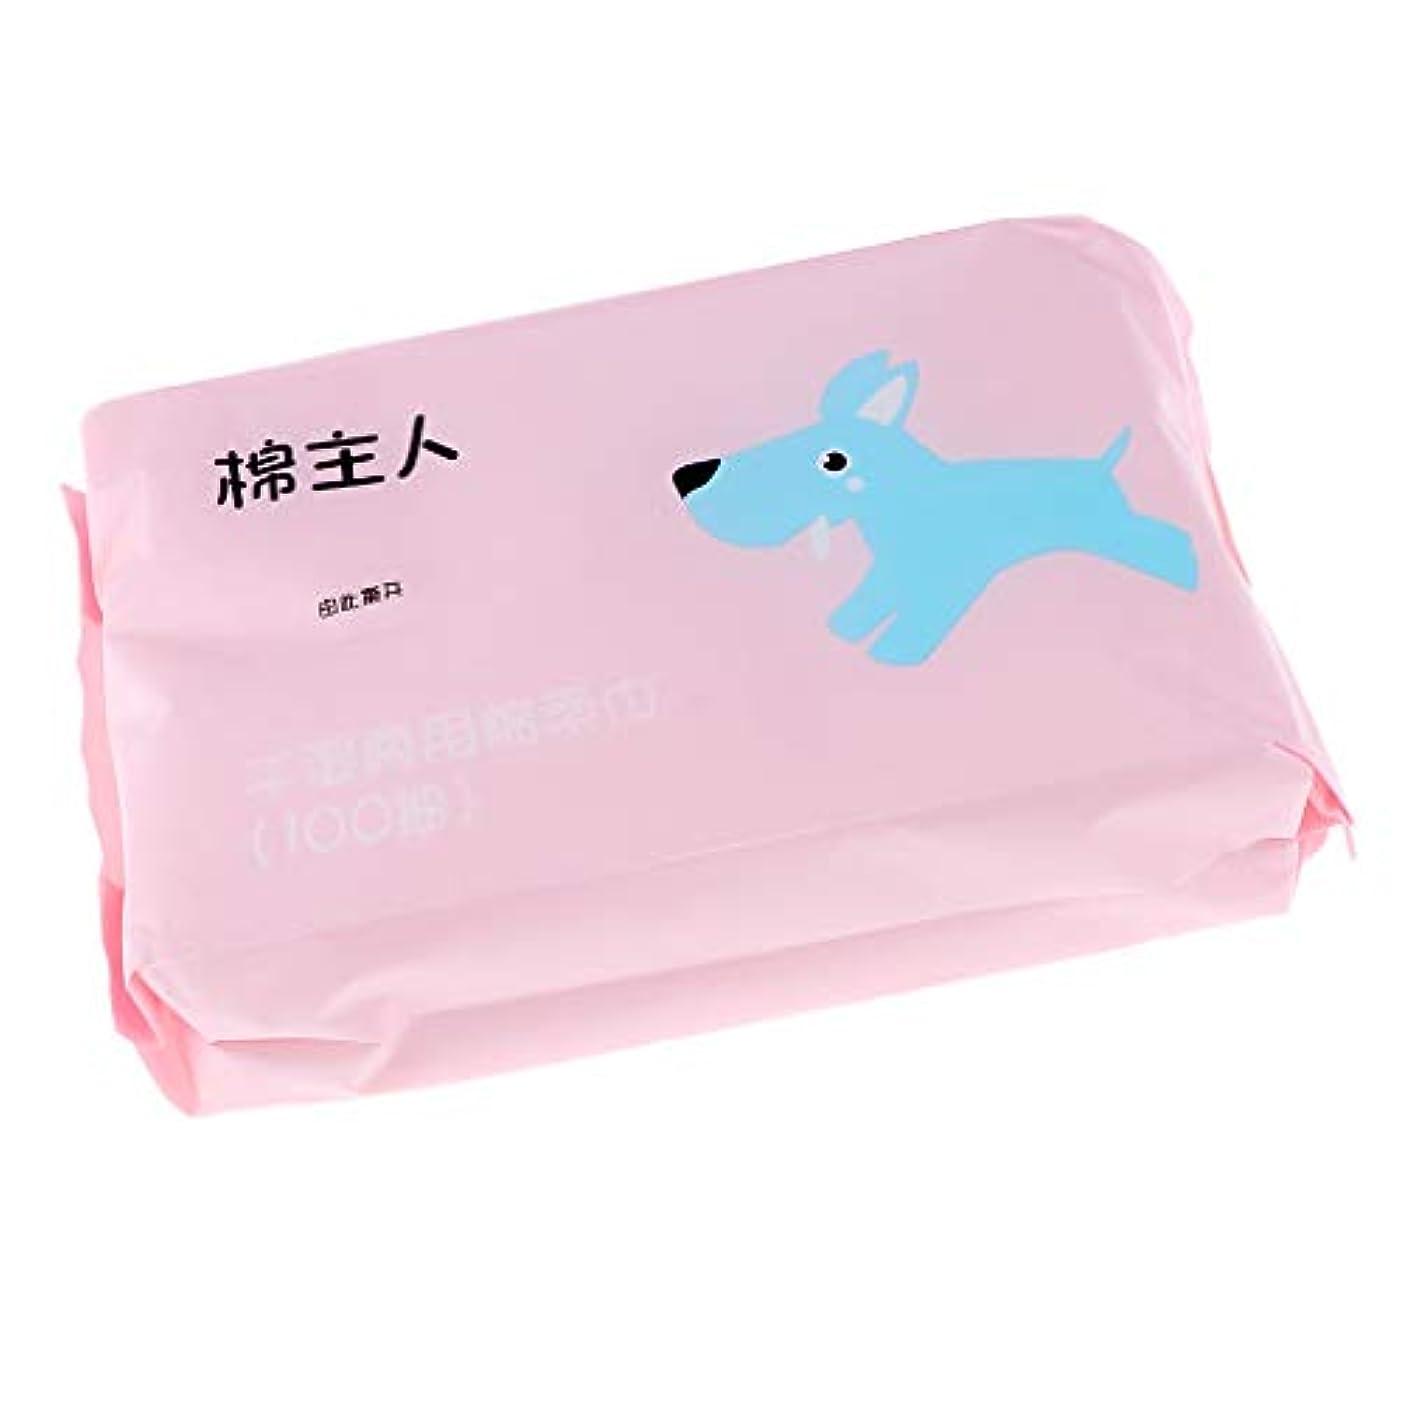 日曜日安全でないペナルティSharplace 約100枚 クレンジングシート メイク落とし 使い捨て 不織布 非刺激 清潔 衛生 全2色 - ピンク